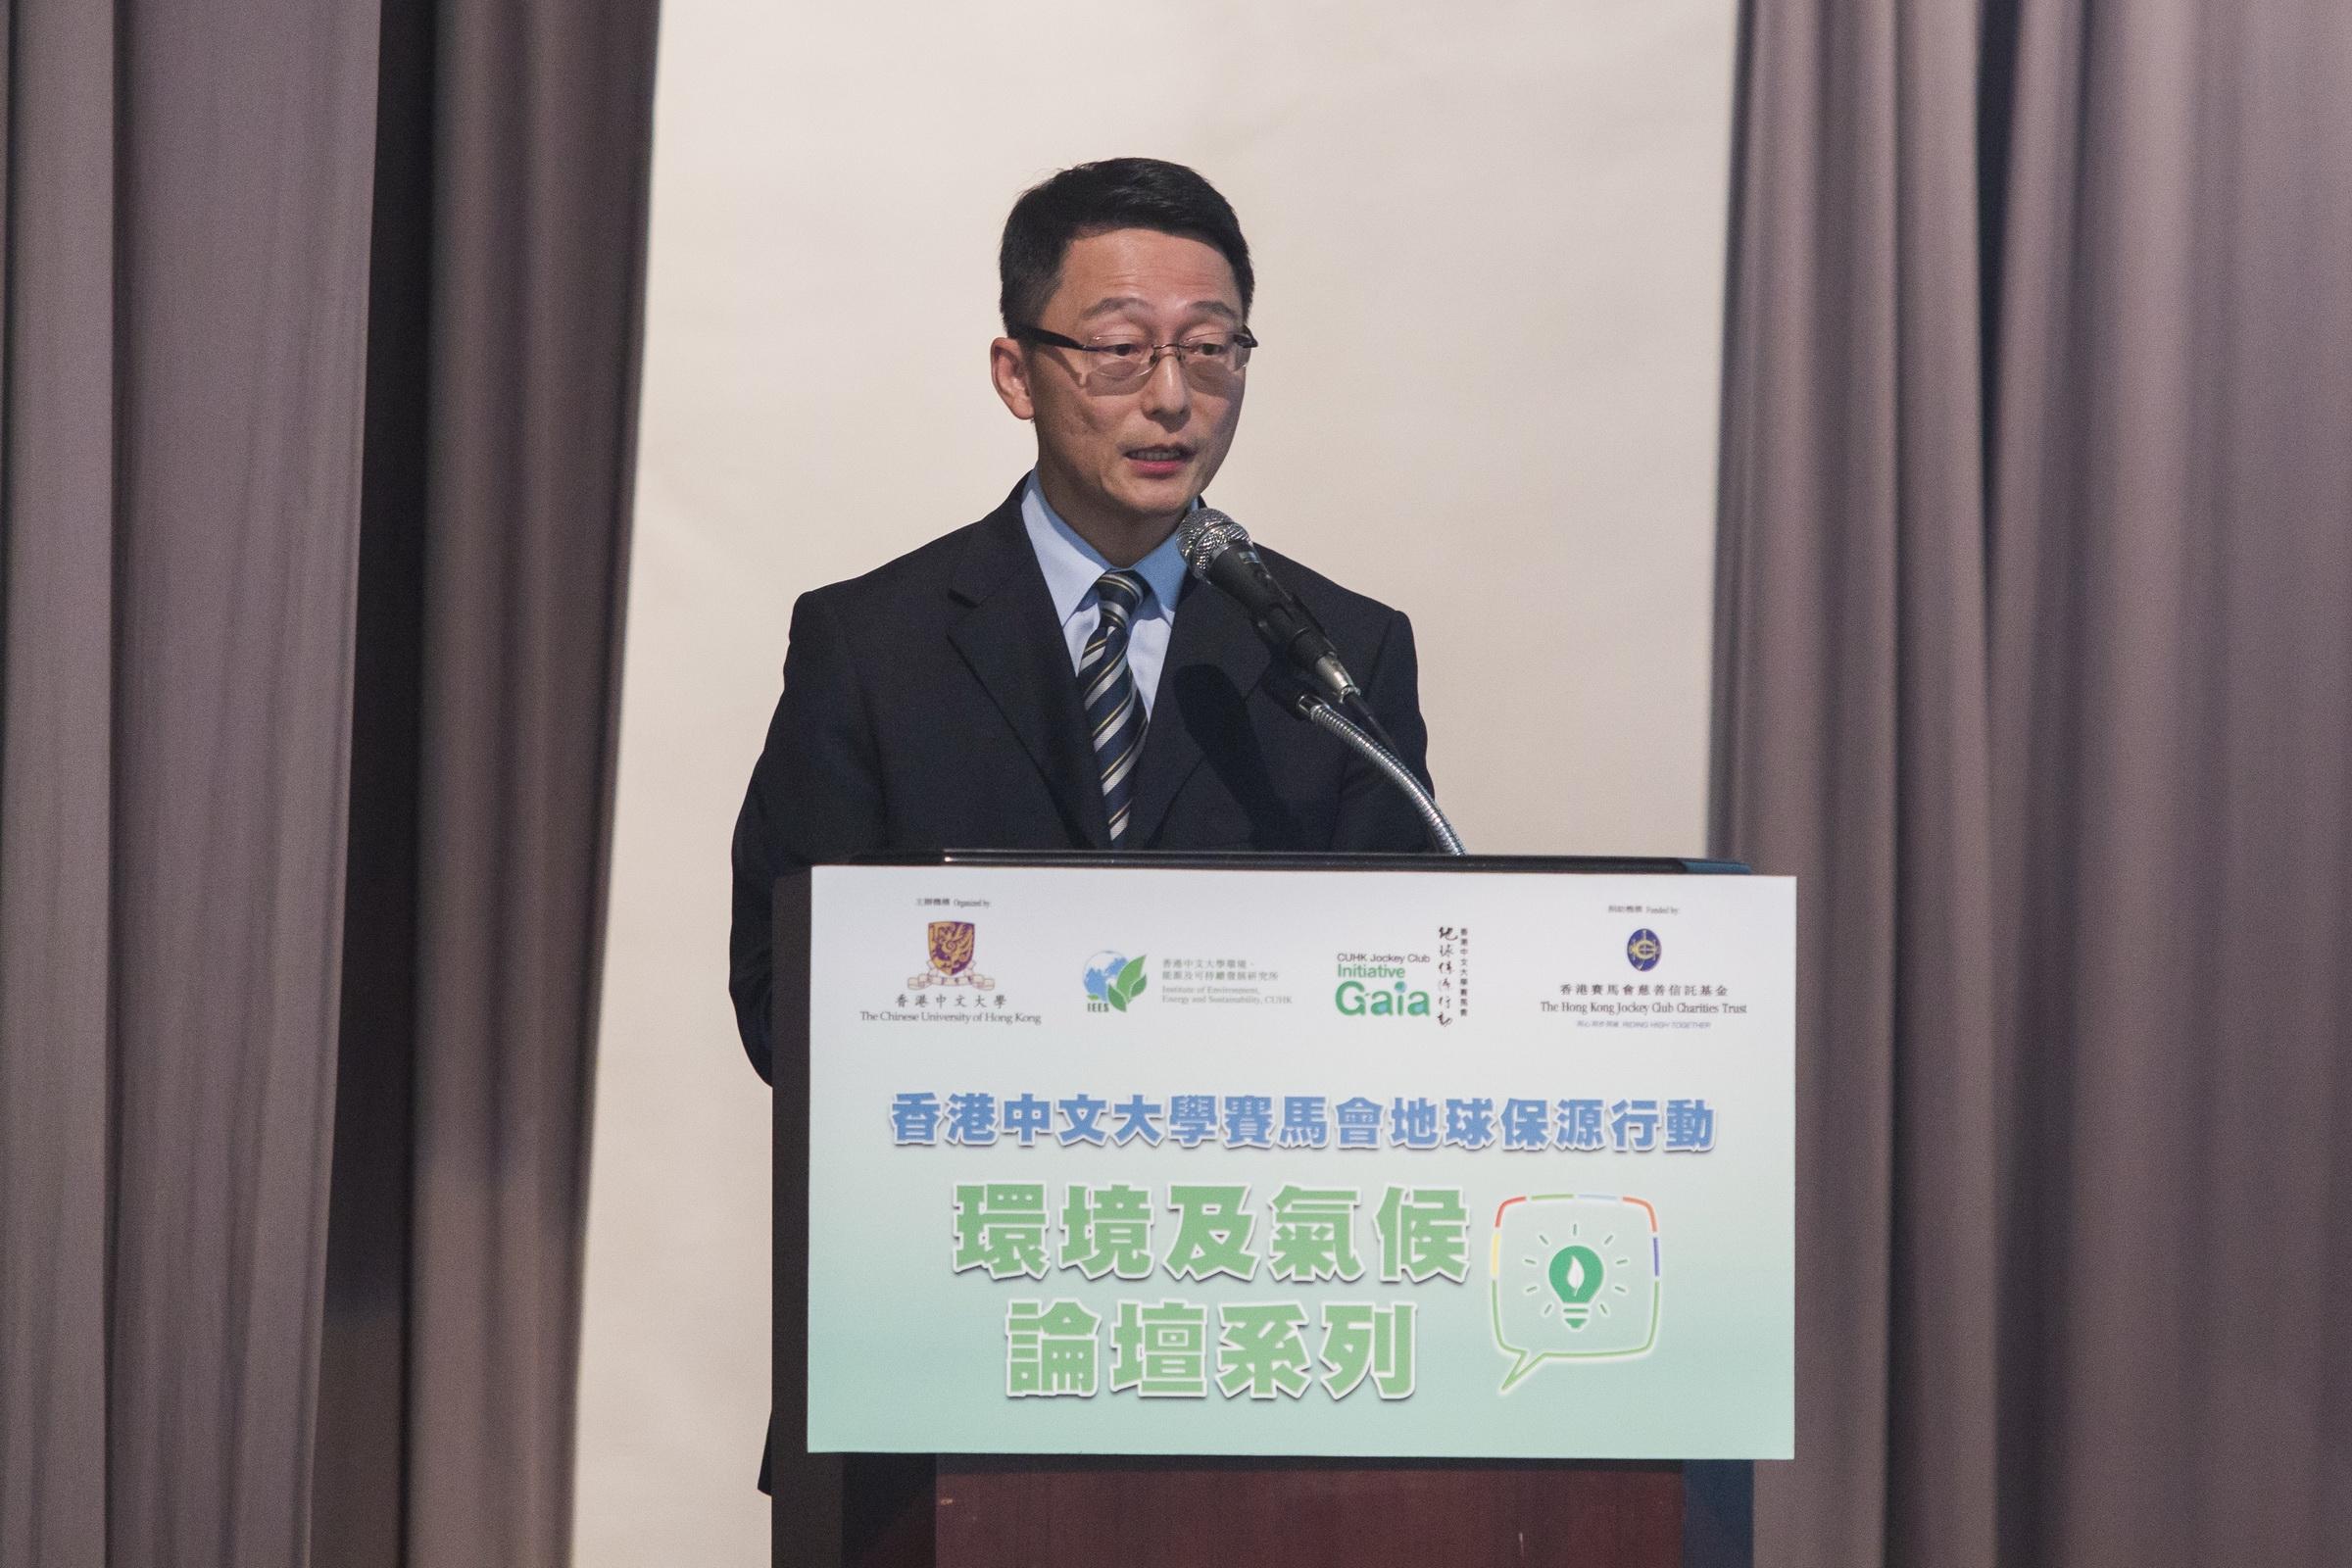 香港特别行政区政府环境局副秘书长刘明光先生发表主题演讲。